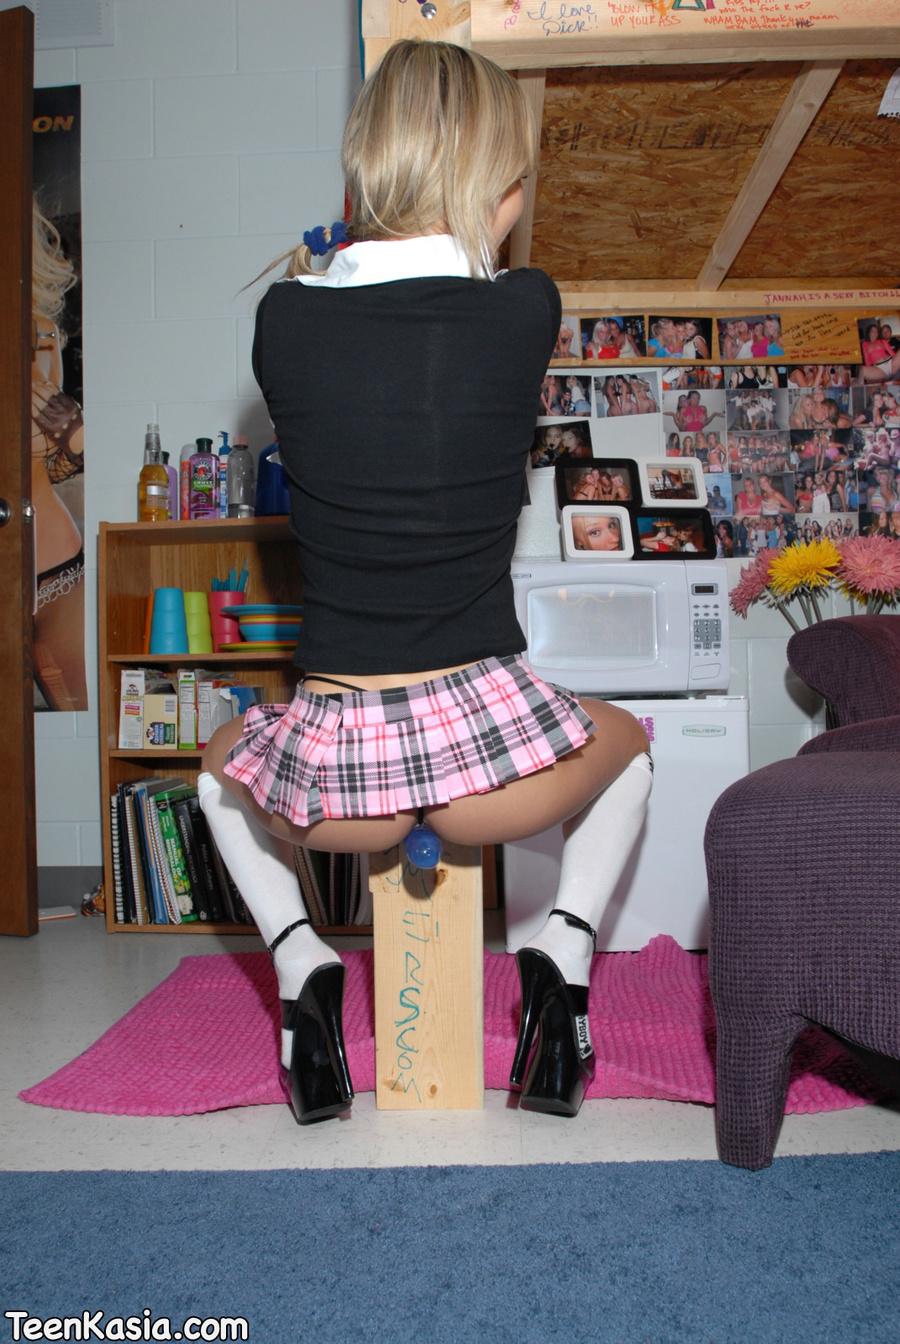 заглянул под юбку ученицы фото